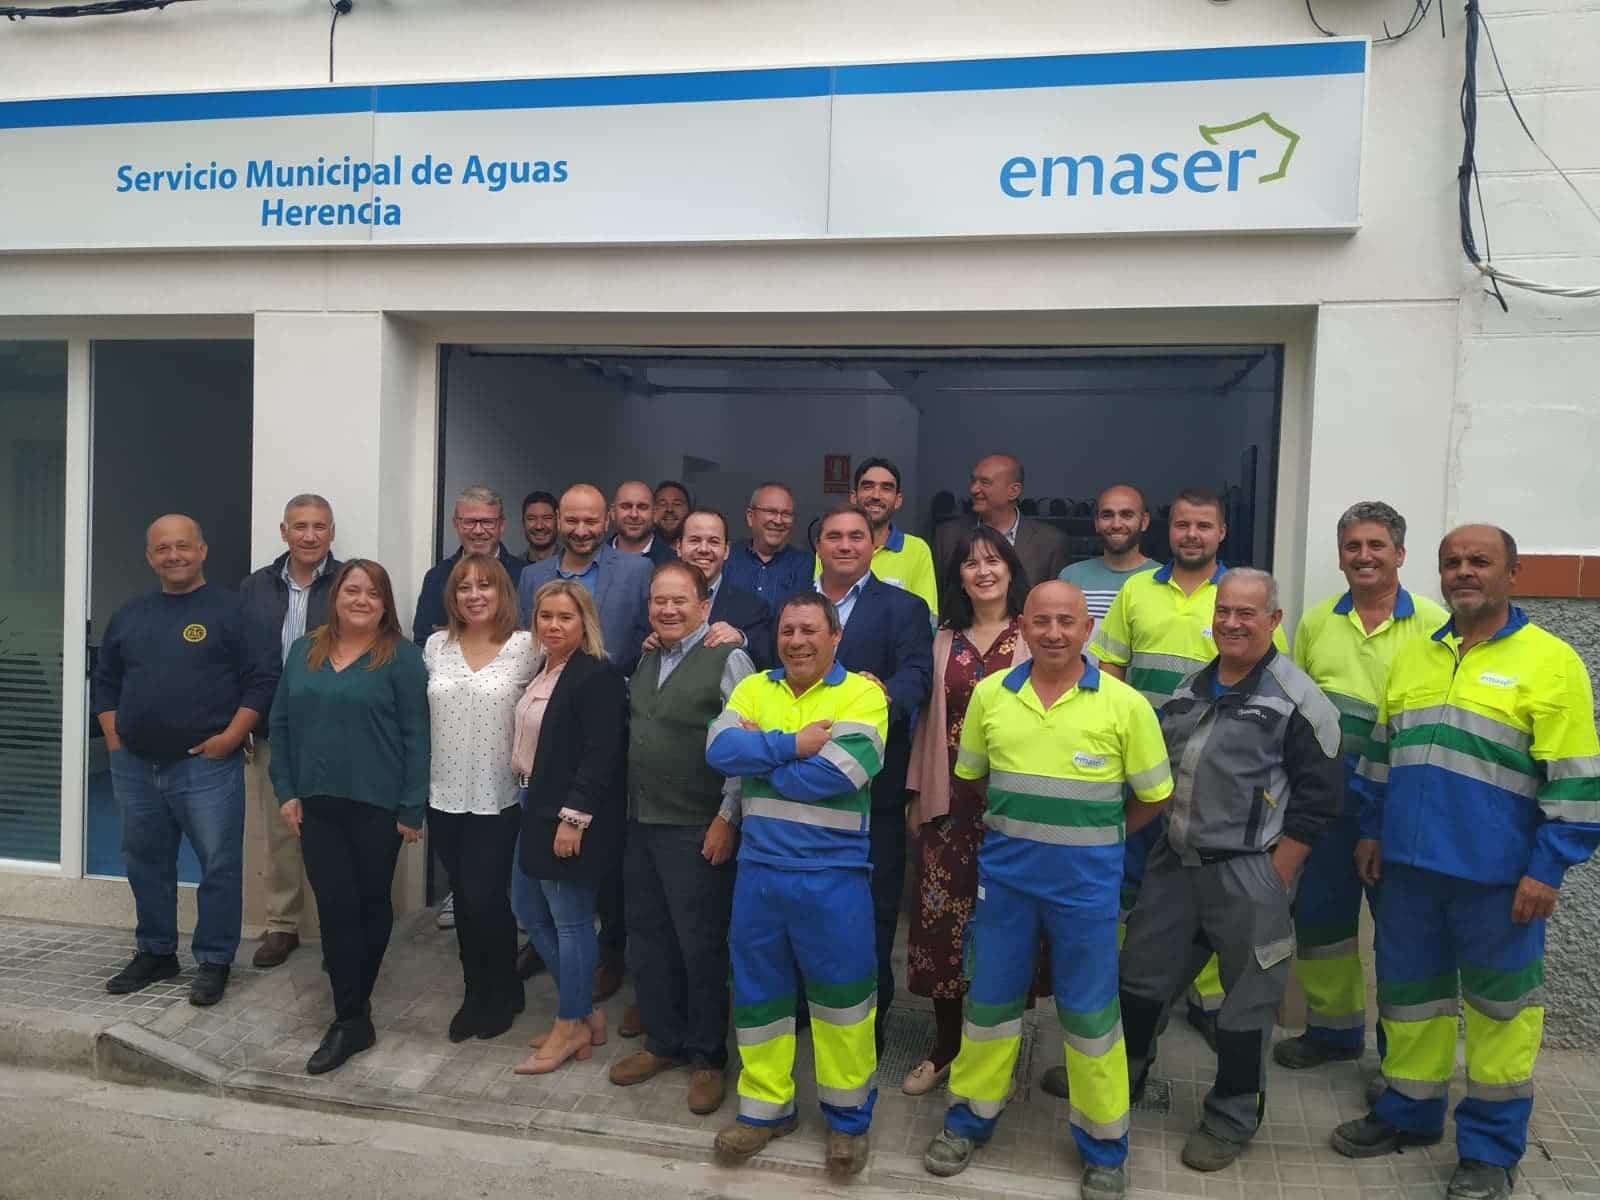 Inaugurada la nueva oficina del Servicio de Aguas Emaser en Herencia 7